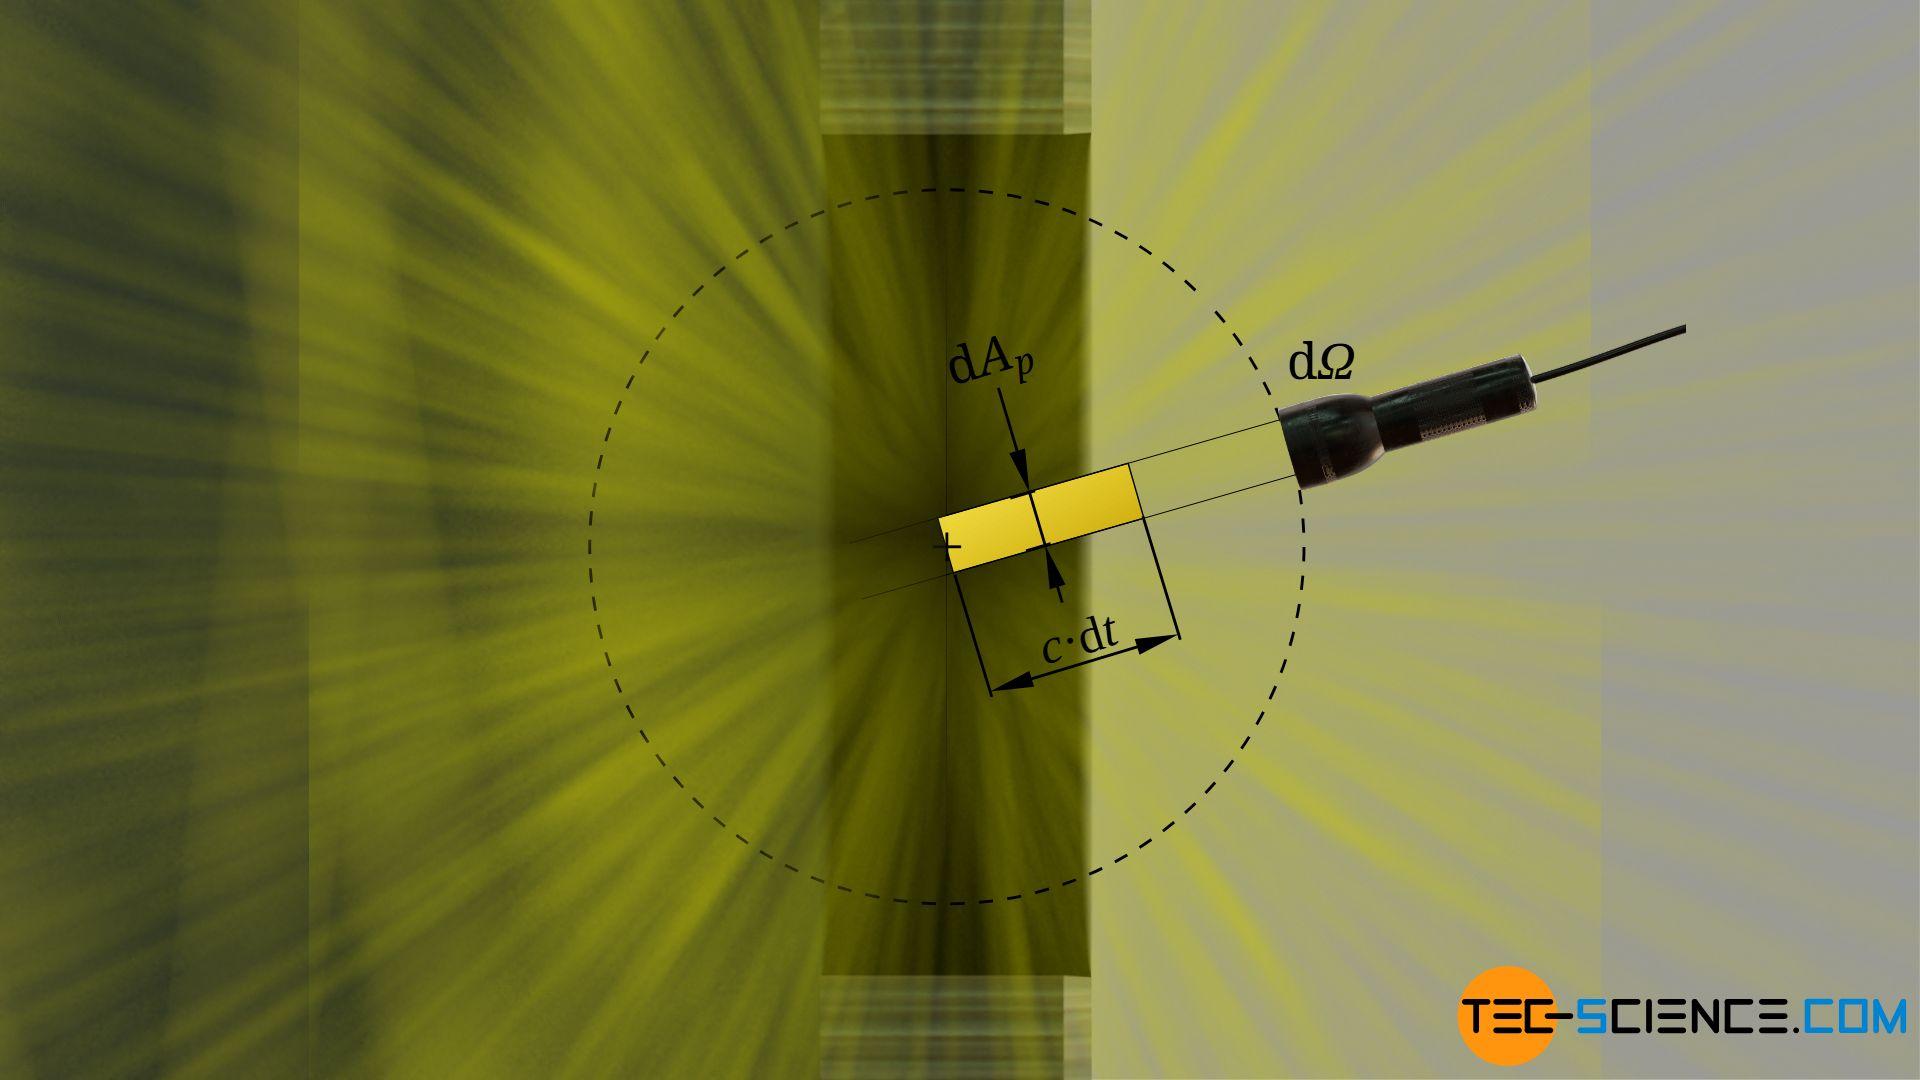 Herleitung der Energiedichte anhand der austretenden Strahlung aus der Öffnung eines Hohlraums